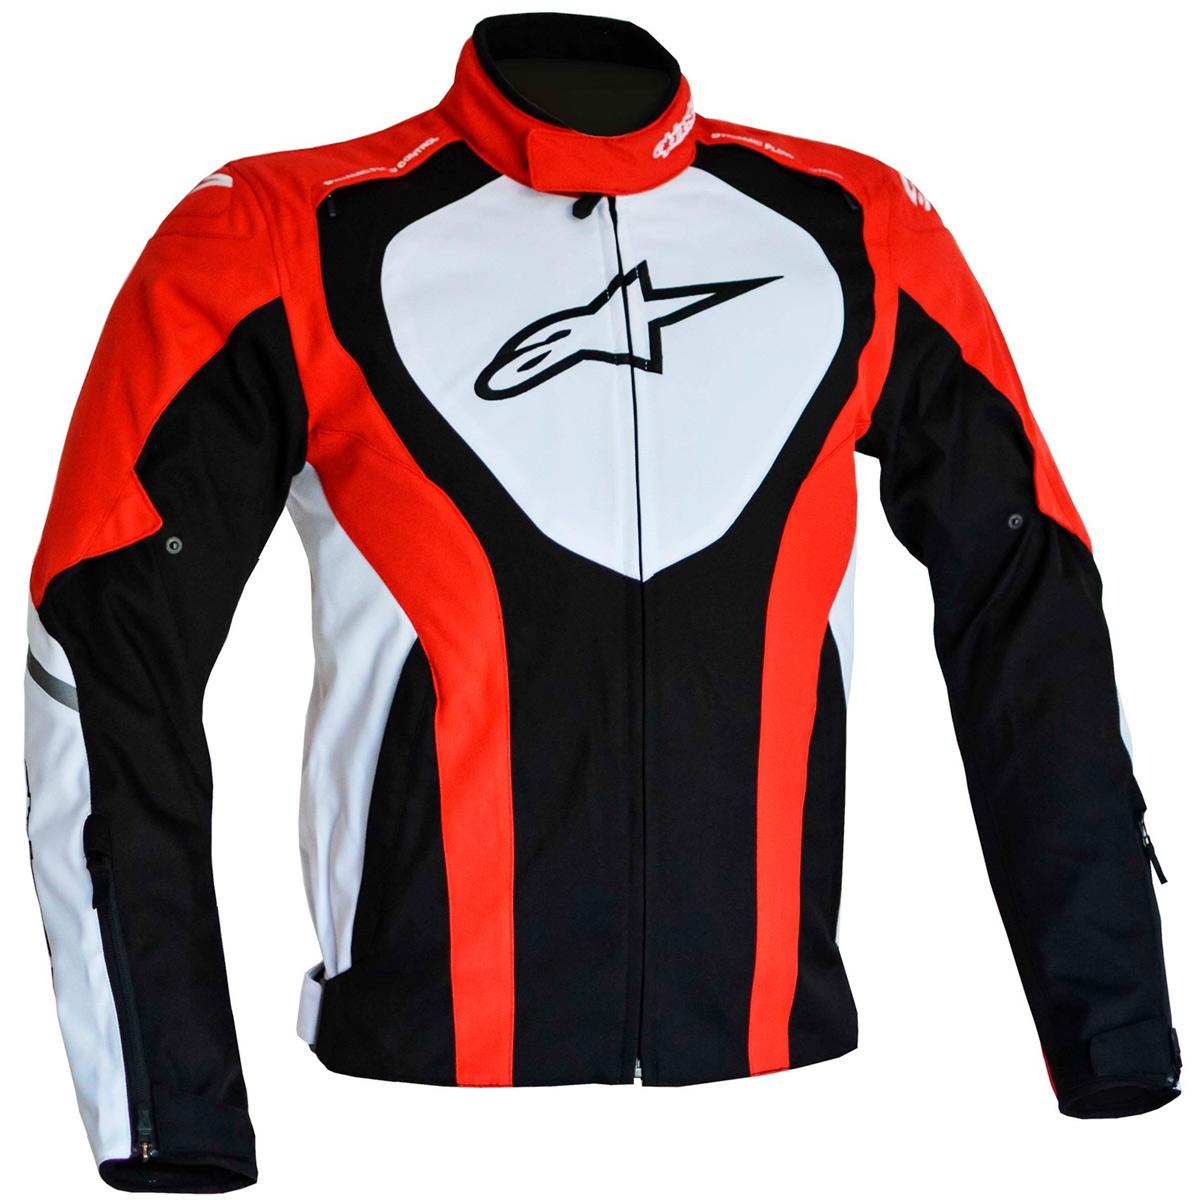 Jaqueta Alpinestars Caladan WP (Black/White/Red) - LANÇAMENTO  - Nova Suzuki Motos e Acessórios